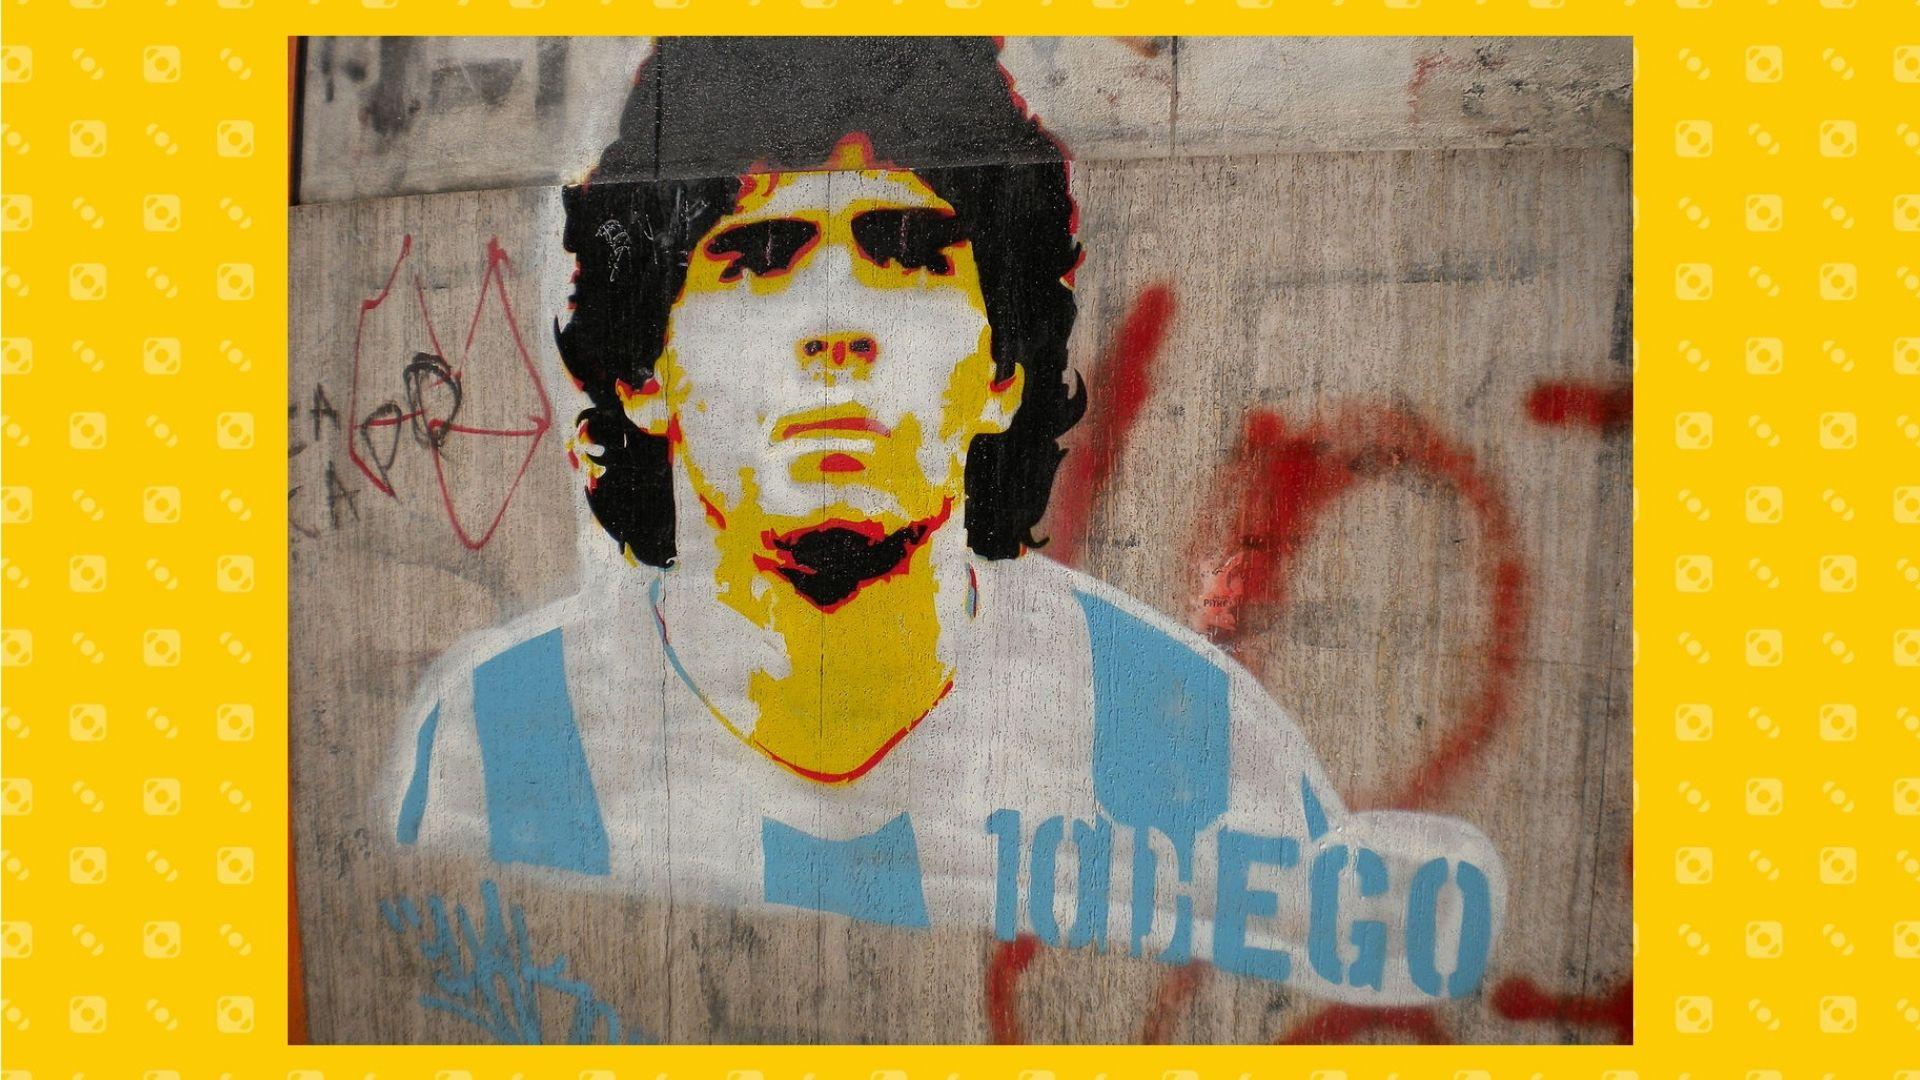 Maradona - El Tango Infinito. Musica, immagini e parole per raccontare il più grande calciatore della storia